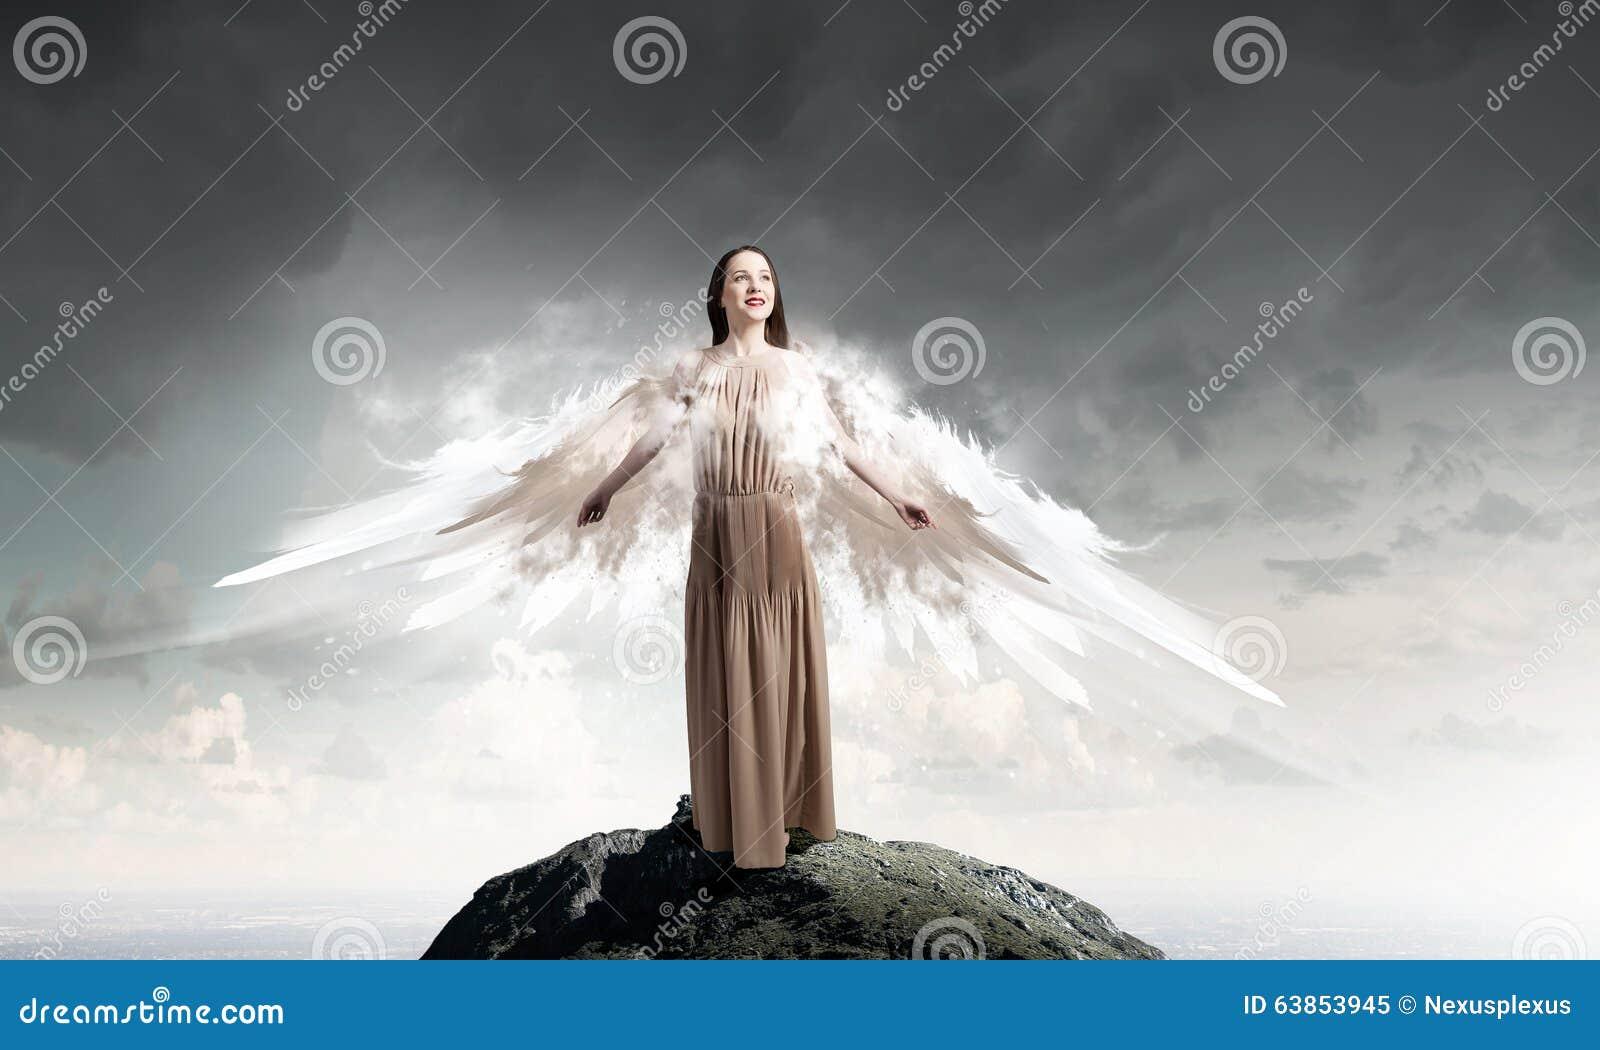 Angel Girl Flying High Stock Photo - Image: 63853945